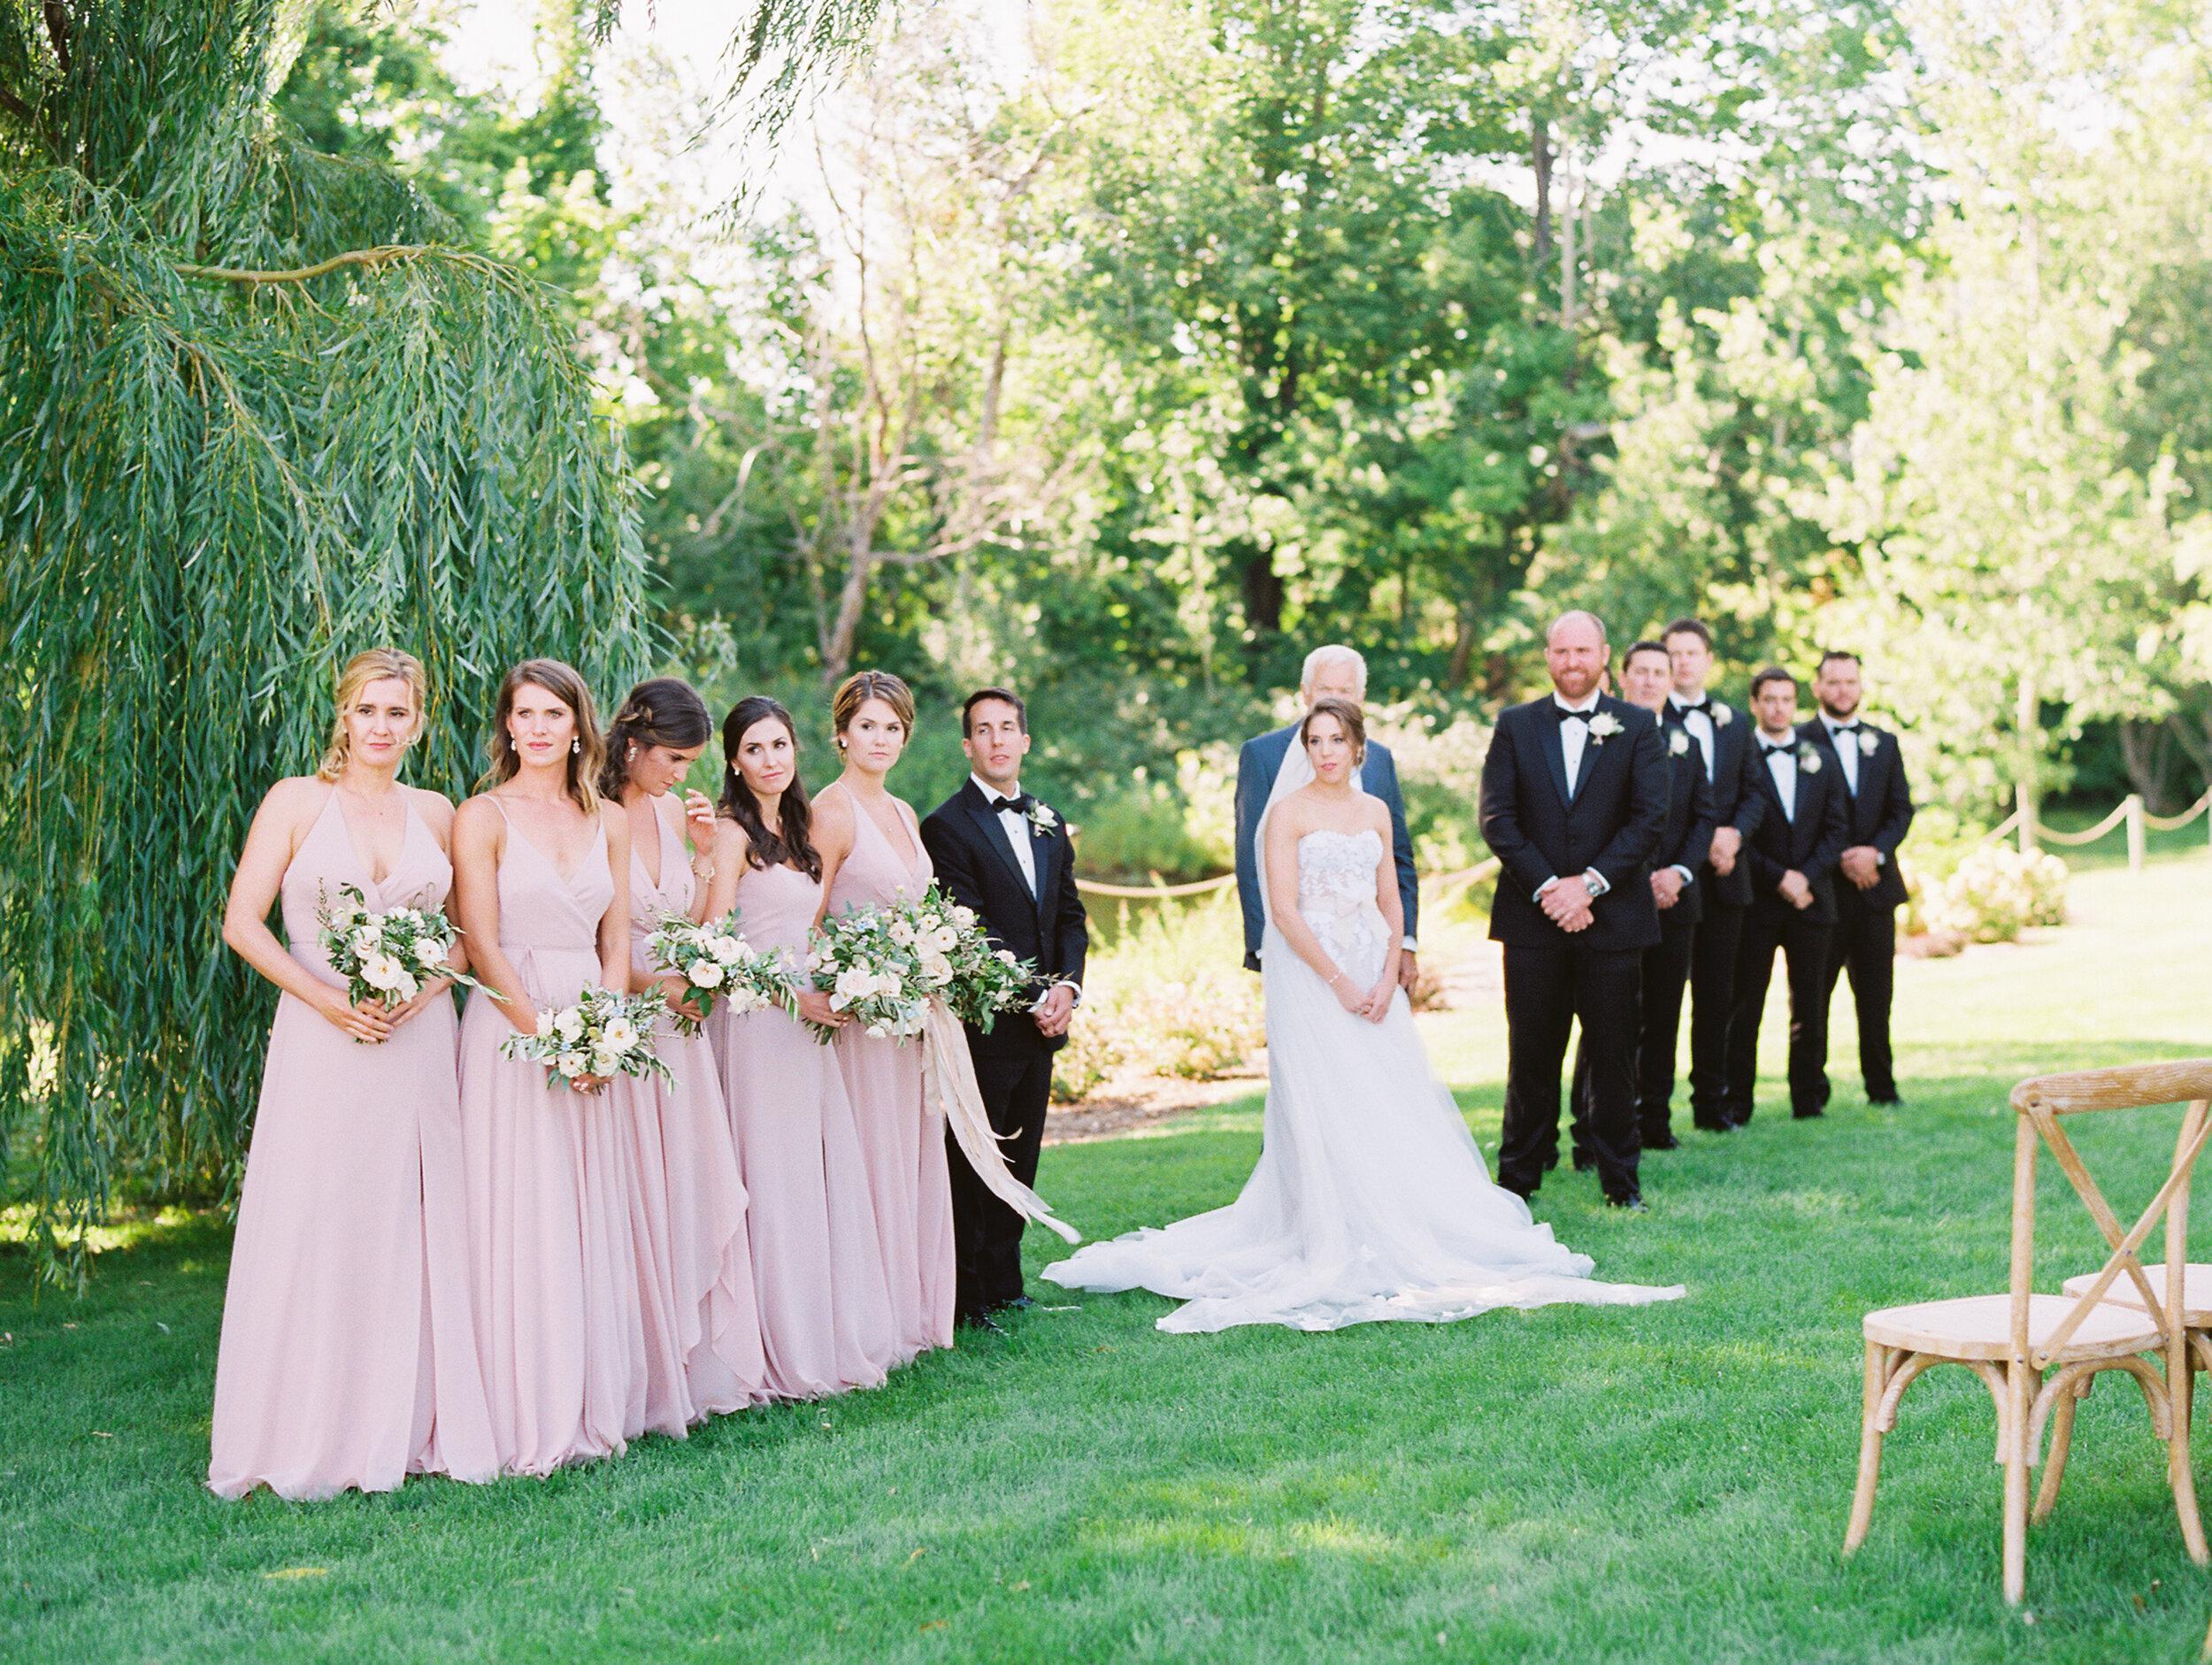 Steinlage+Wedding+Ceremony-197.jpg